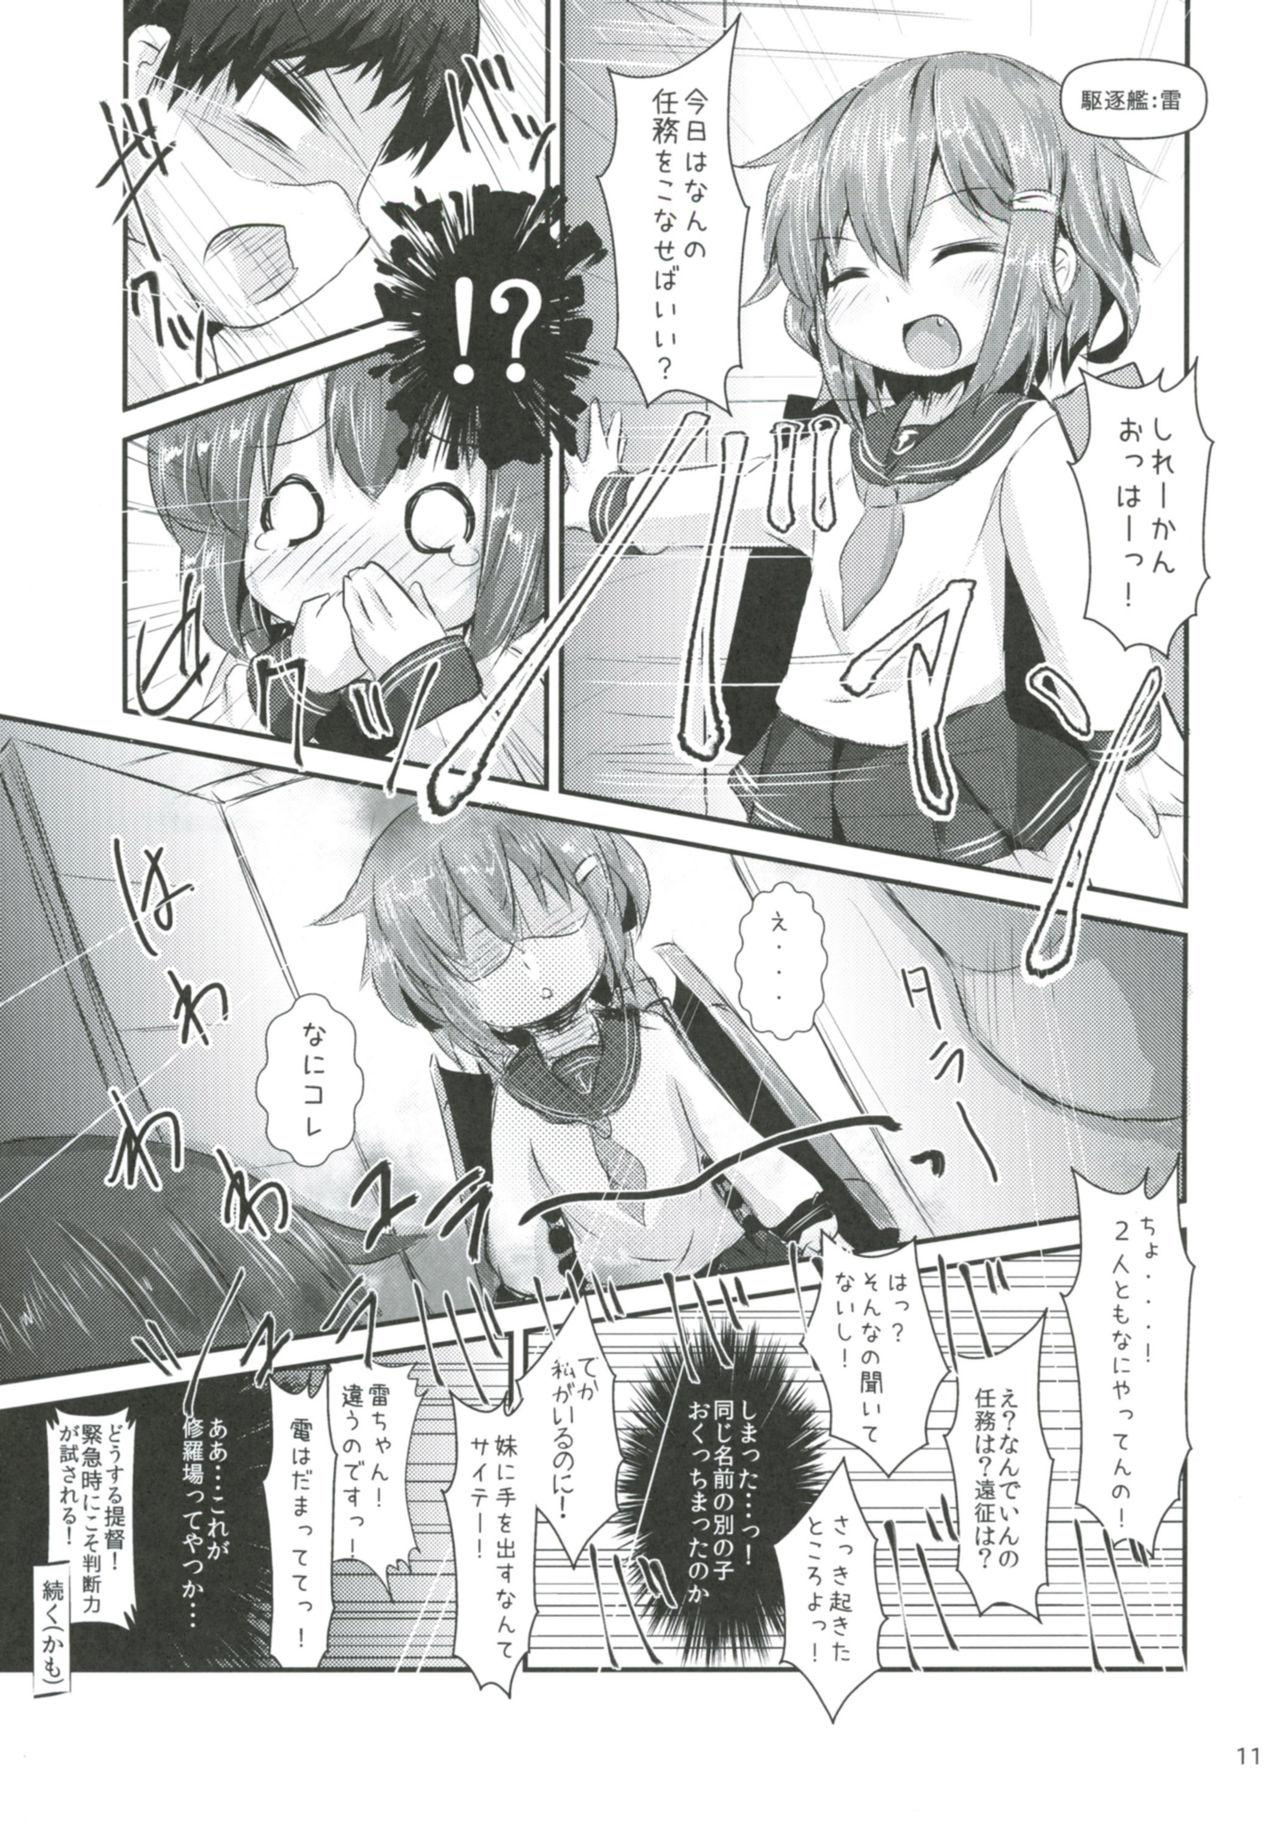 [Inyu-goya (Inyucchi)] Shireikan-san wa SexHara-san nano desu Matome (Kantai Collection -KanColle-) [Digital] 9